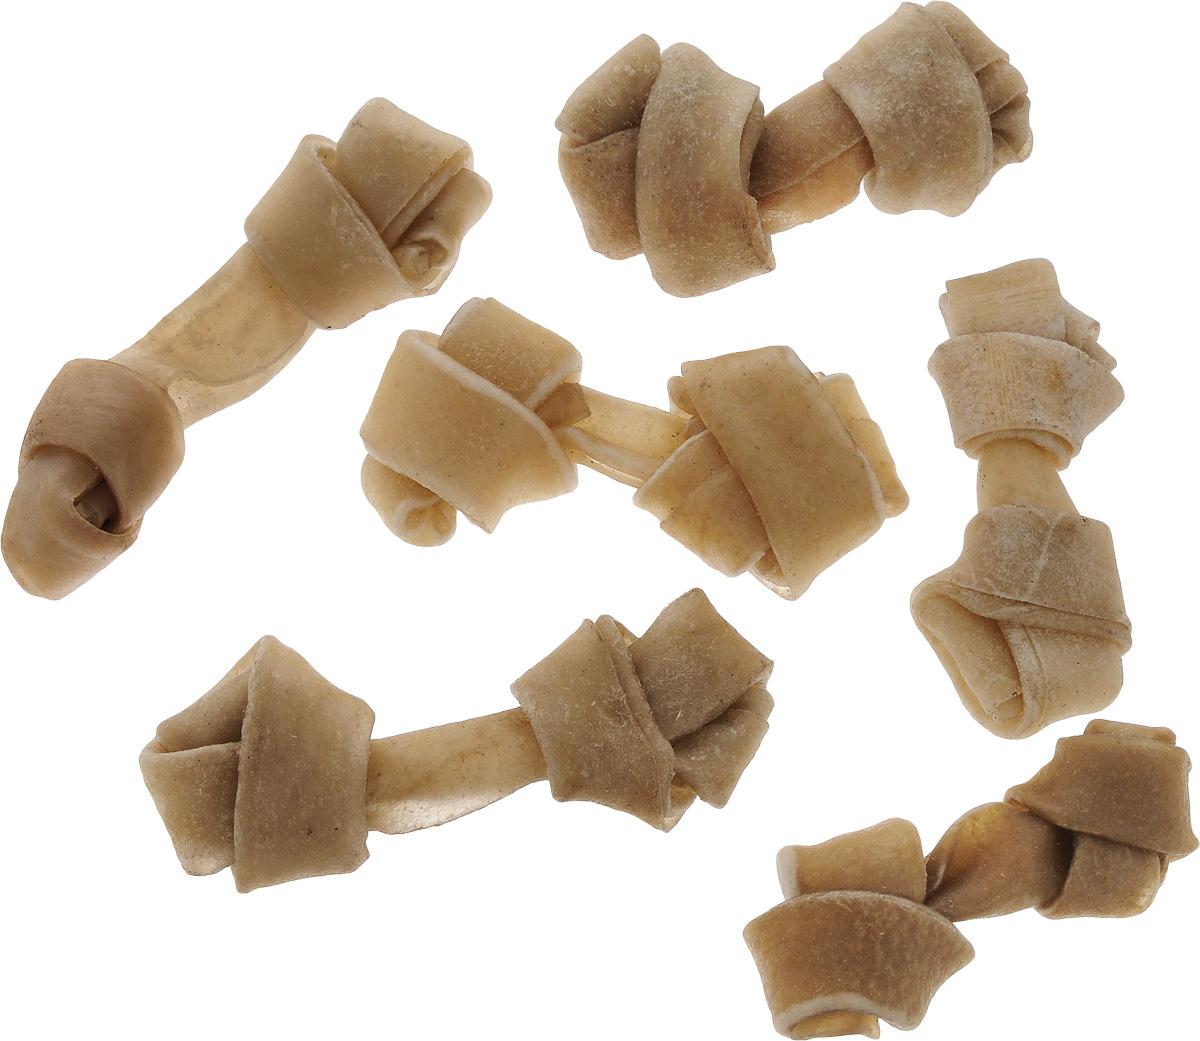 Лакомство для собак из жил Каскад Кость, с узлами, длина 8 см, 6 шт4605543006616Лакомство для собак Каскад Кость идеально подходит для ухода за зубами и деснами. При ежедневном применении предупреждает образование зубного налета. Такая косточка будет аппетитным лакомством и занимательной игрушкой для вашего любимца.Размер косточки: 8 х 2,5 х 1,5 см.Вес: 9-11 г.Товар сертифицирован.